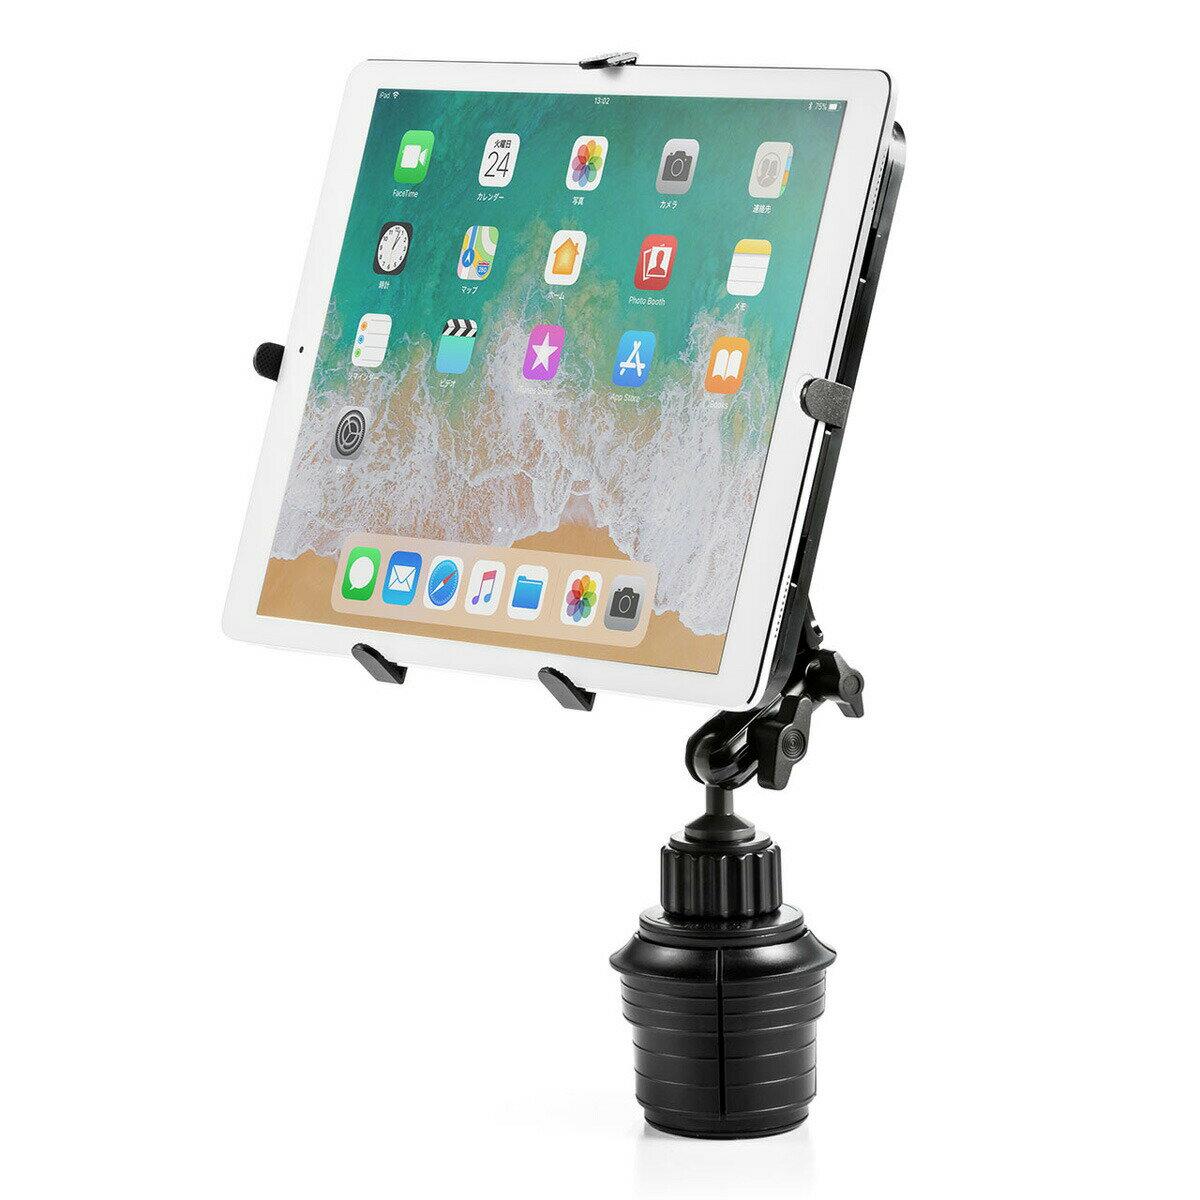 iPad・タブレット車載ホルダーアーム カップホルダー・ドリンクホルダー設置 9.7〜13インチ対応 [100-LATAB007]【サンワダイレクト限定品】【送料無料】